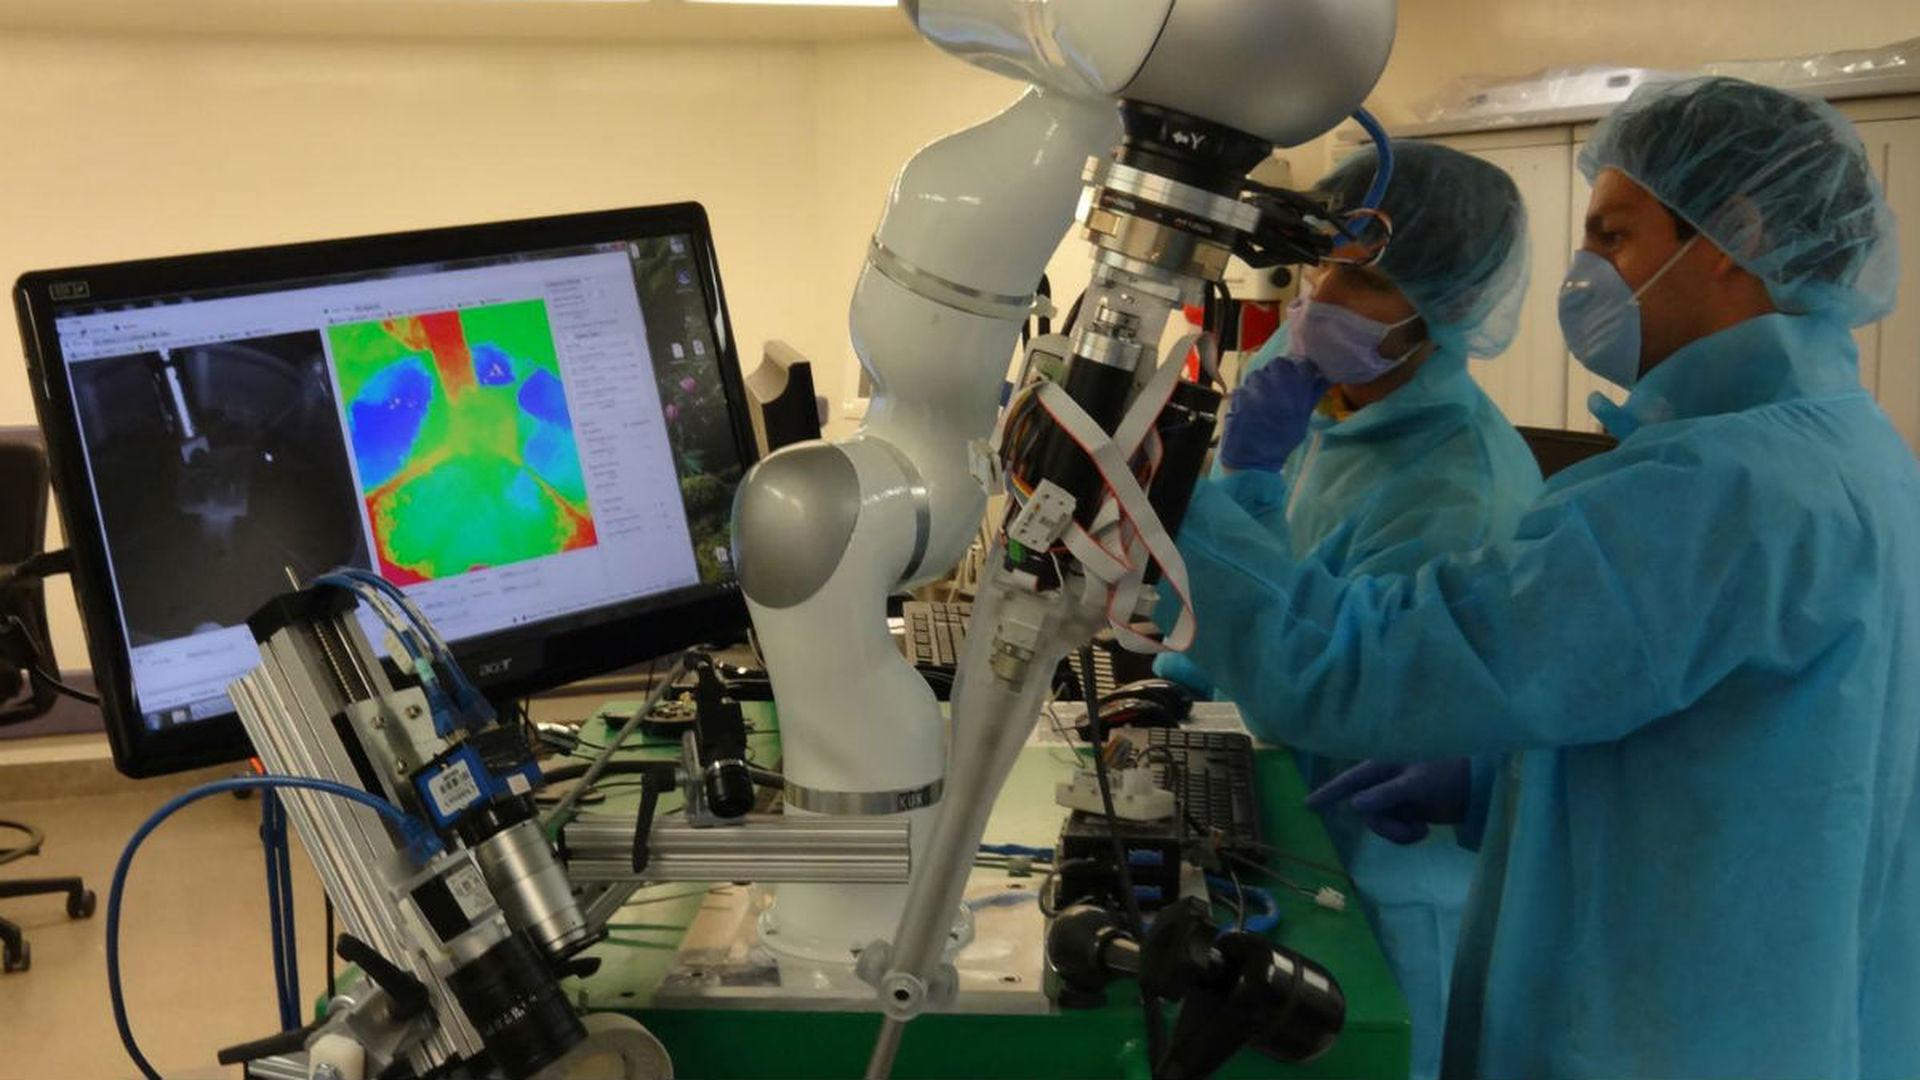 Робот-хирург впервые самостоятельно провёл операцию на мягких тканях